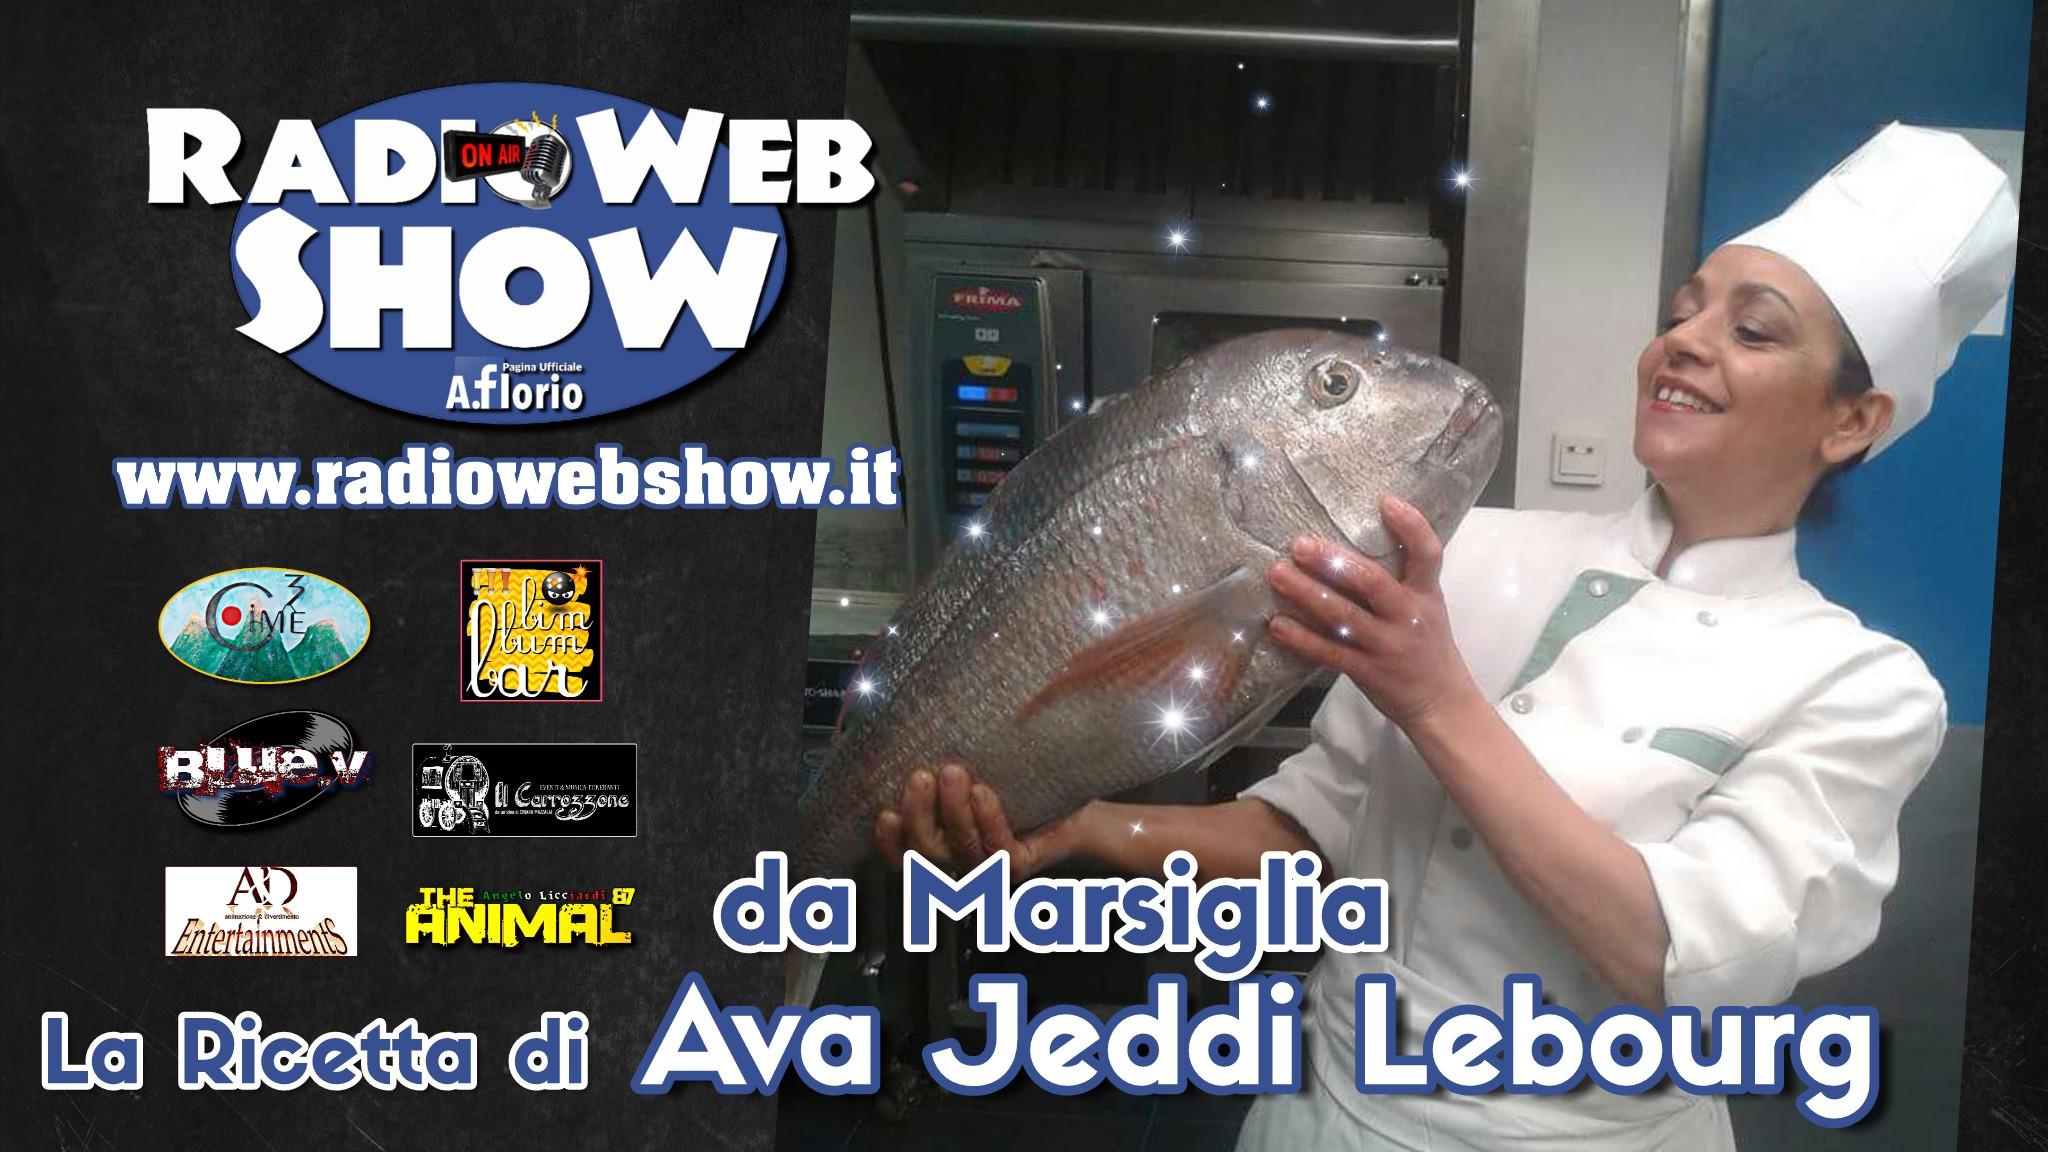 Le ricette dal Mondo degli ascoltatori di RadioWebShow -Bouillabaisse all Marsigliese di Ava Jeddi Lebourg da Marsiglia